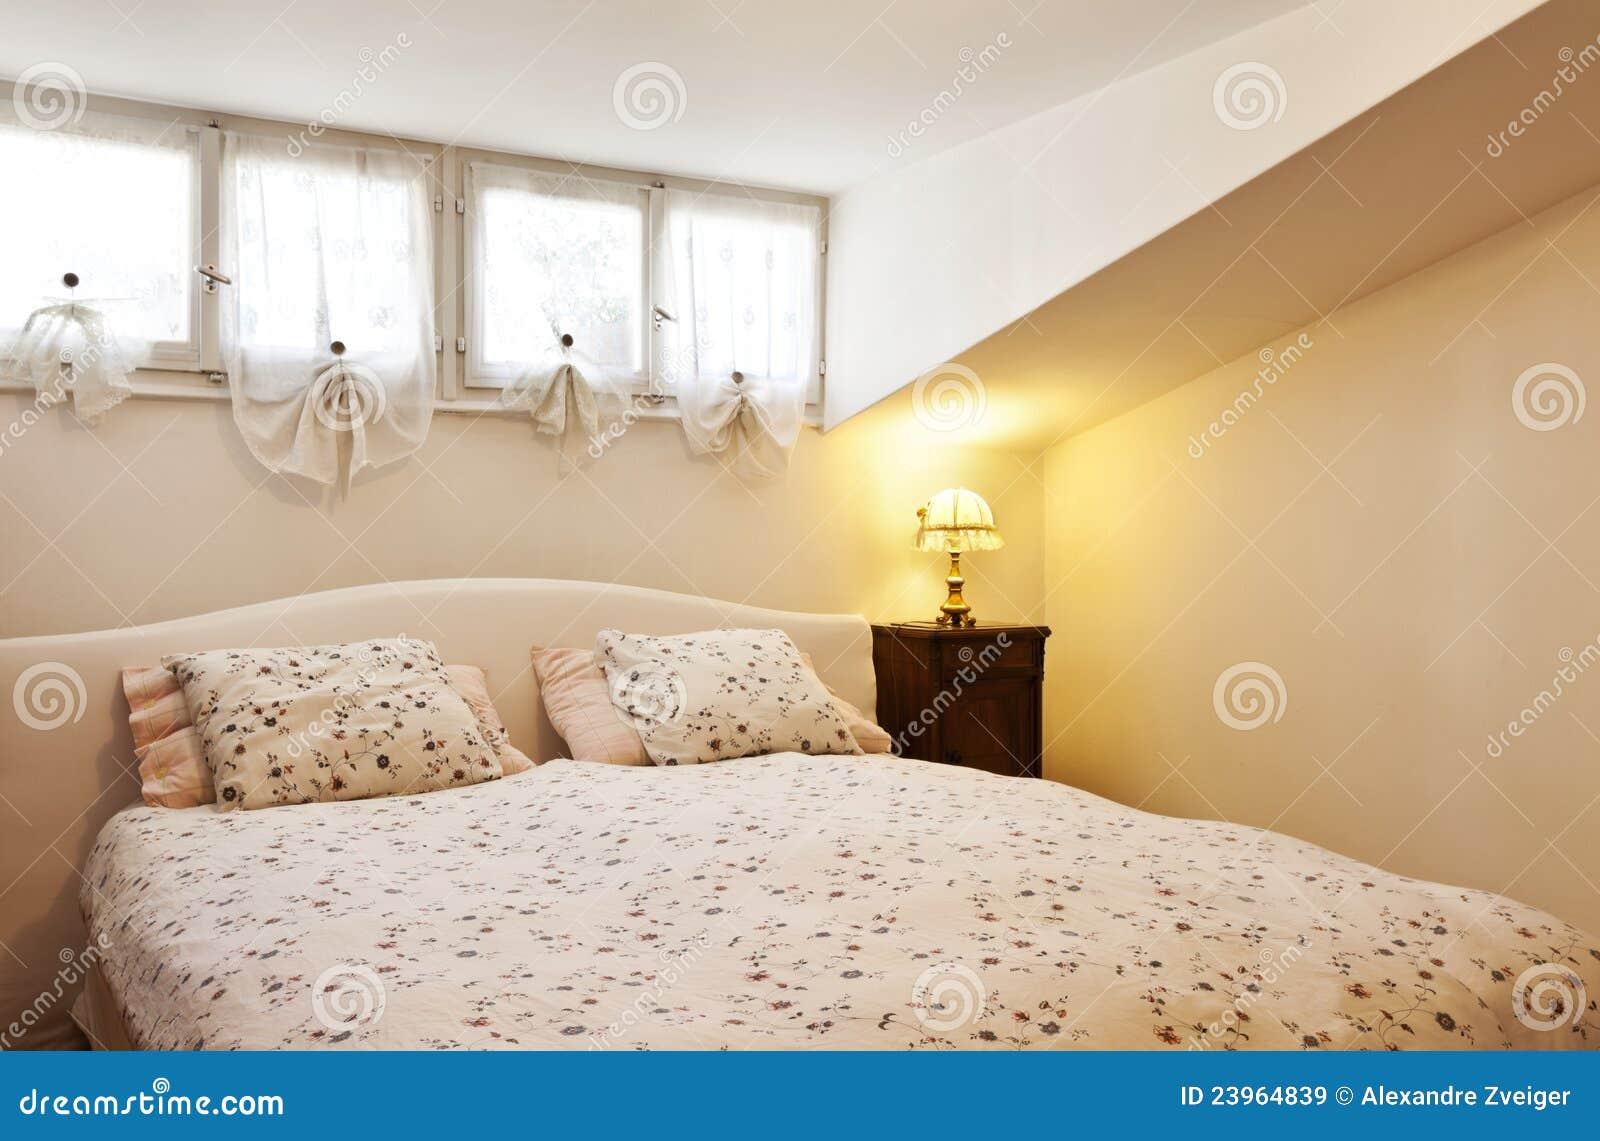 Kleine geleverde zolder slaapkamer royalty vrije stock afbeeldingen beeld 23964839 - Slaapkamer klein gebied ...